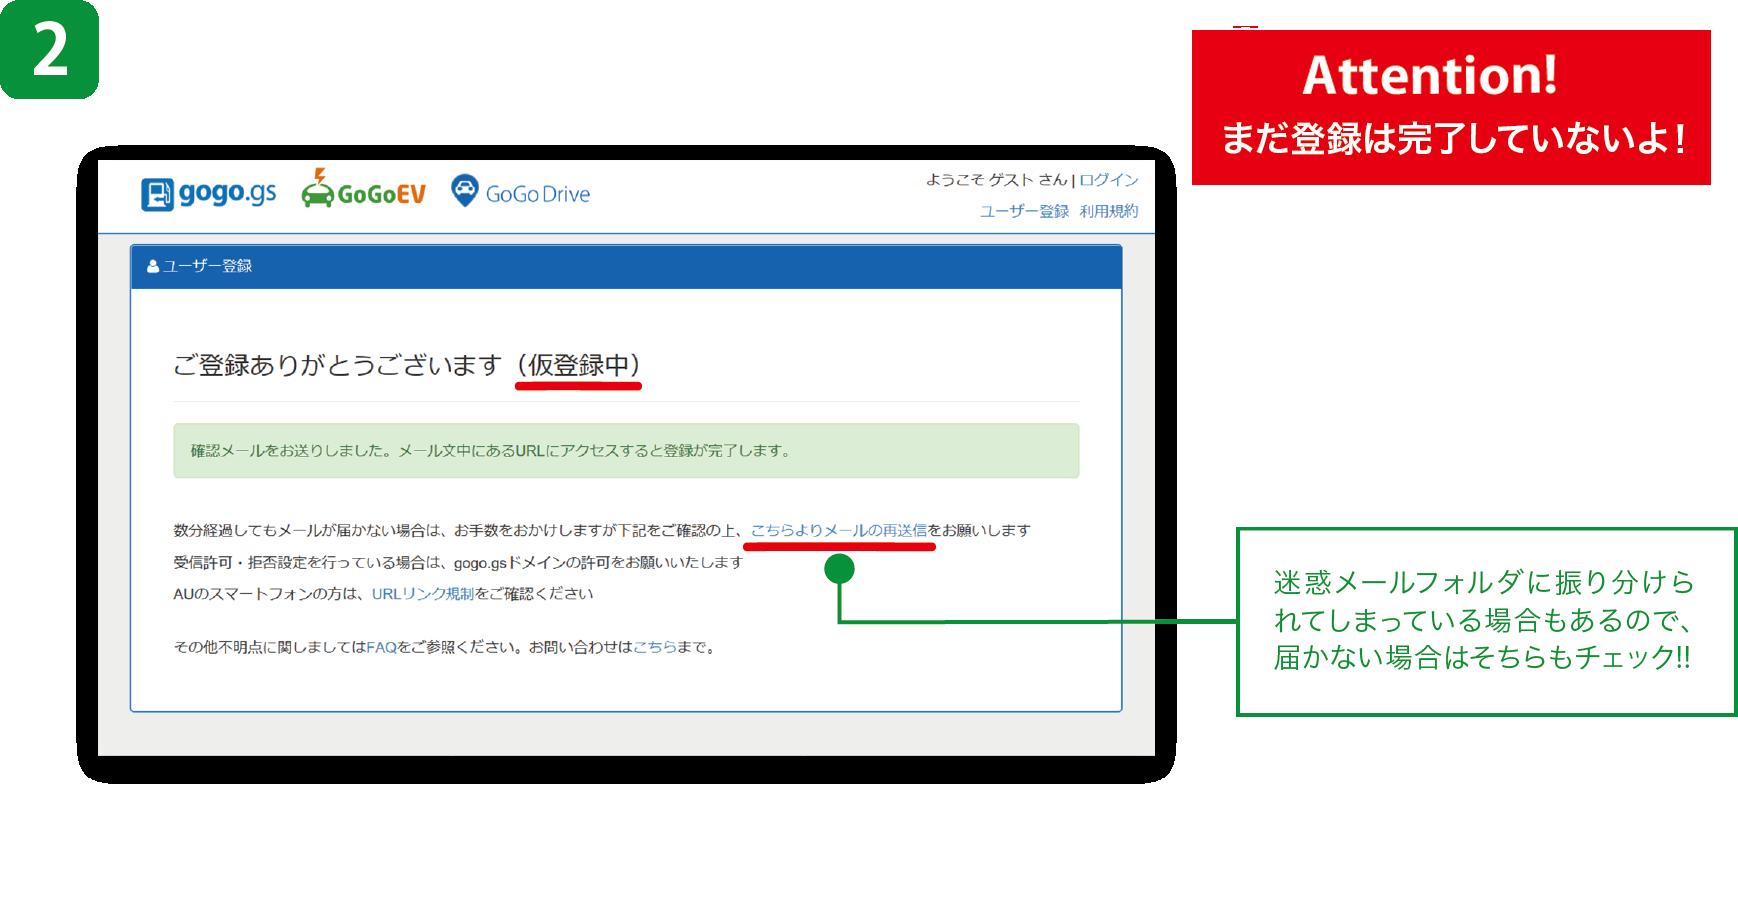 ユーザー登録2ステップ